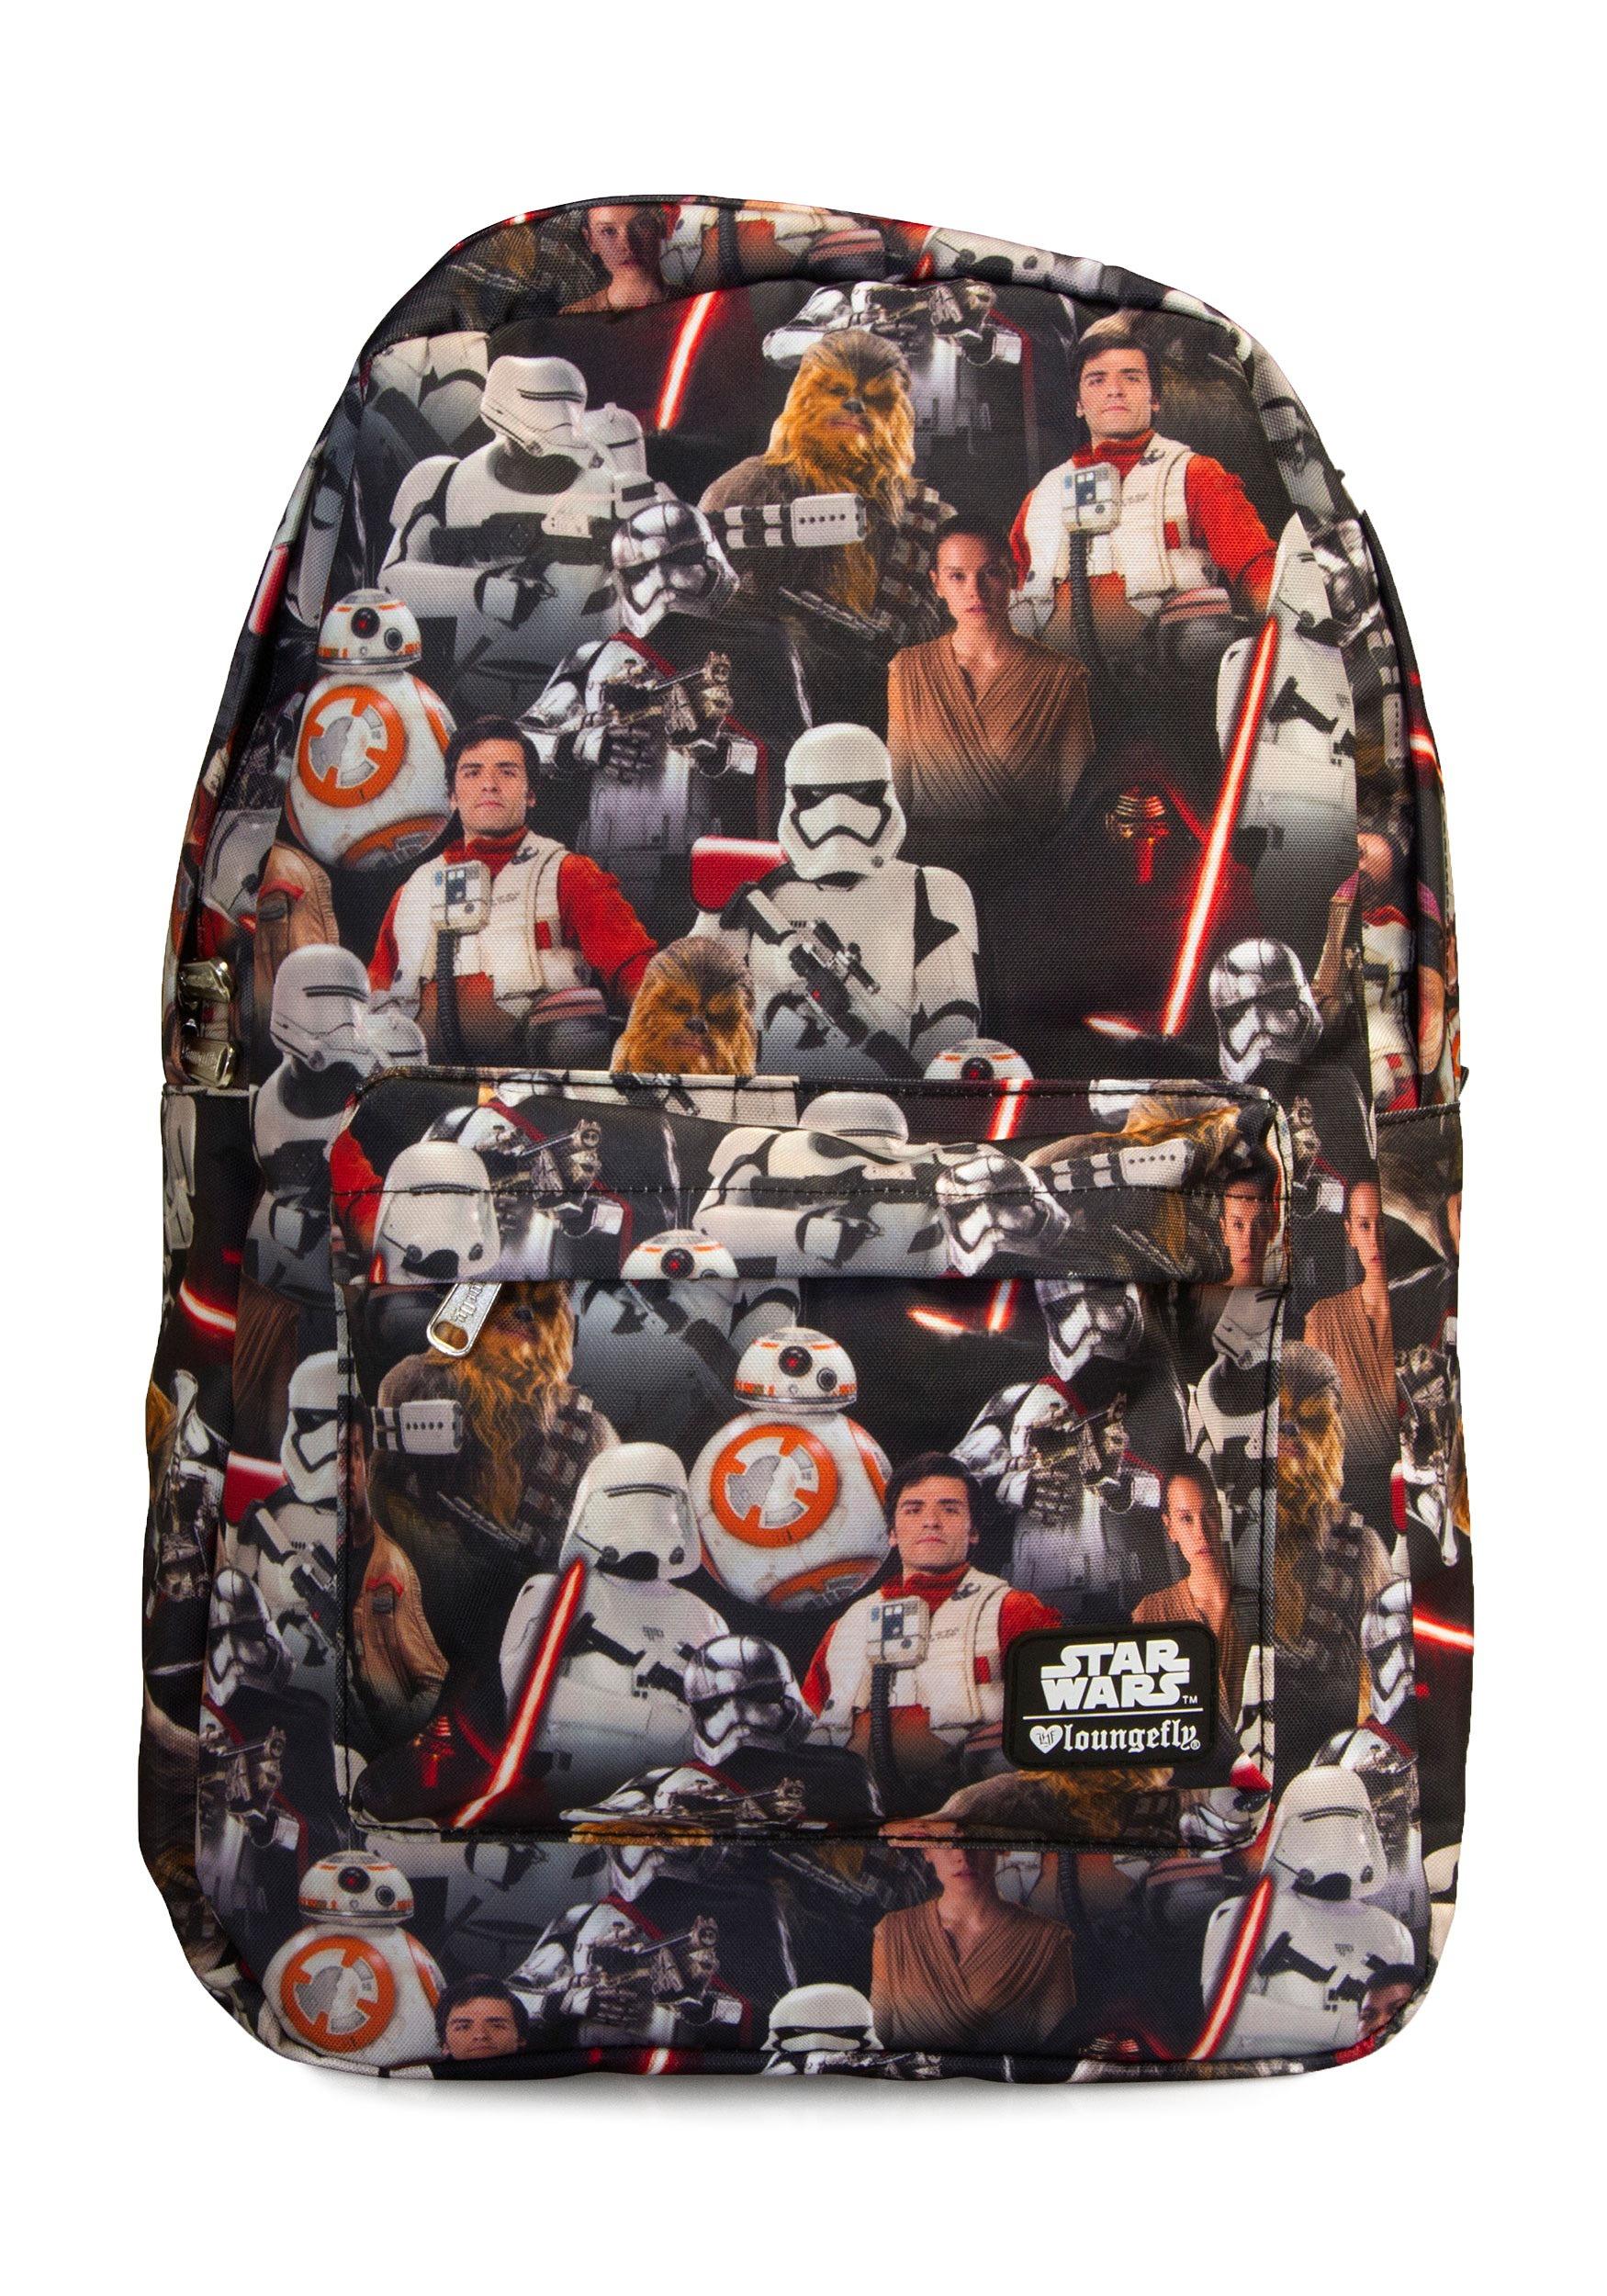 Loungefly Star Wars Episode 7 Backpack LFTFABK0003